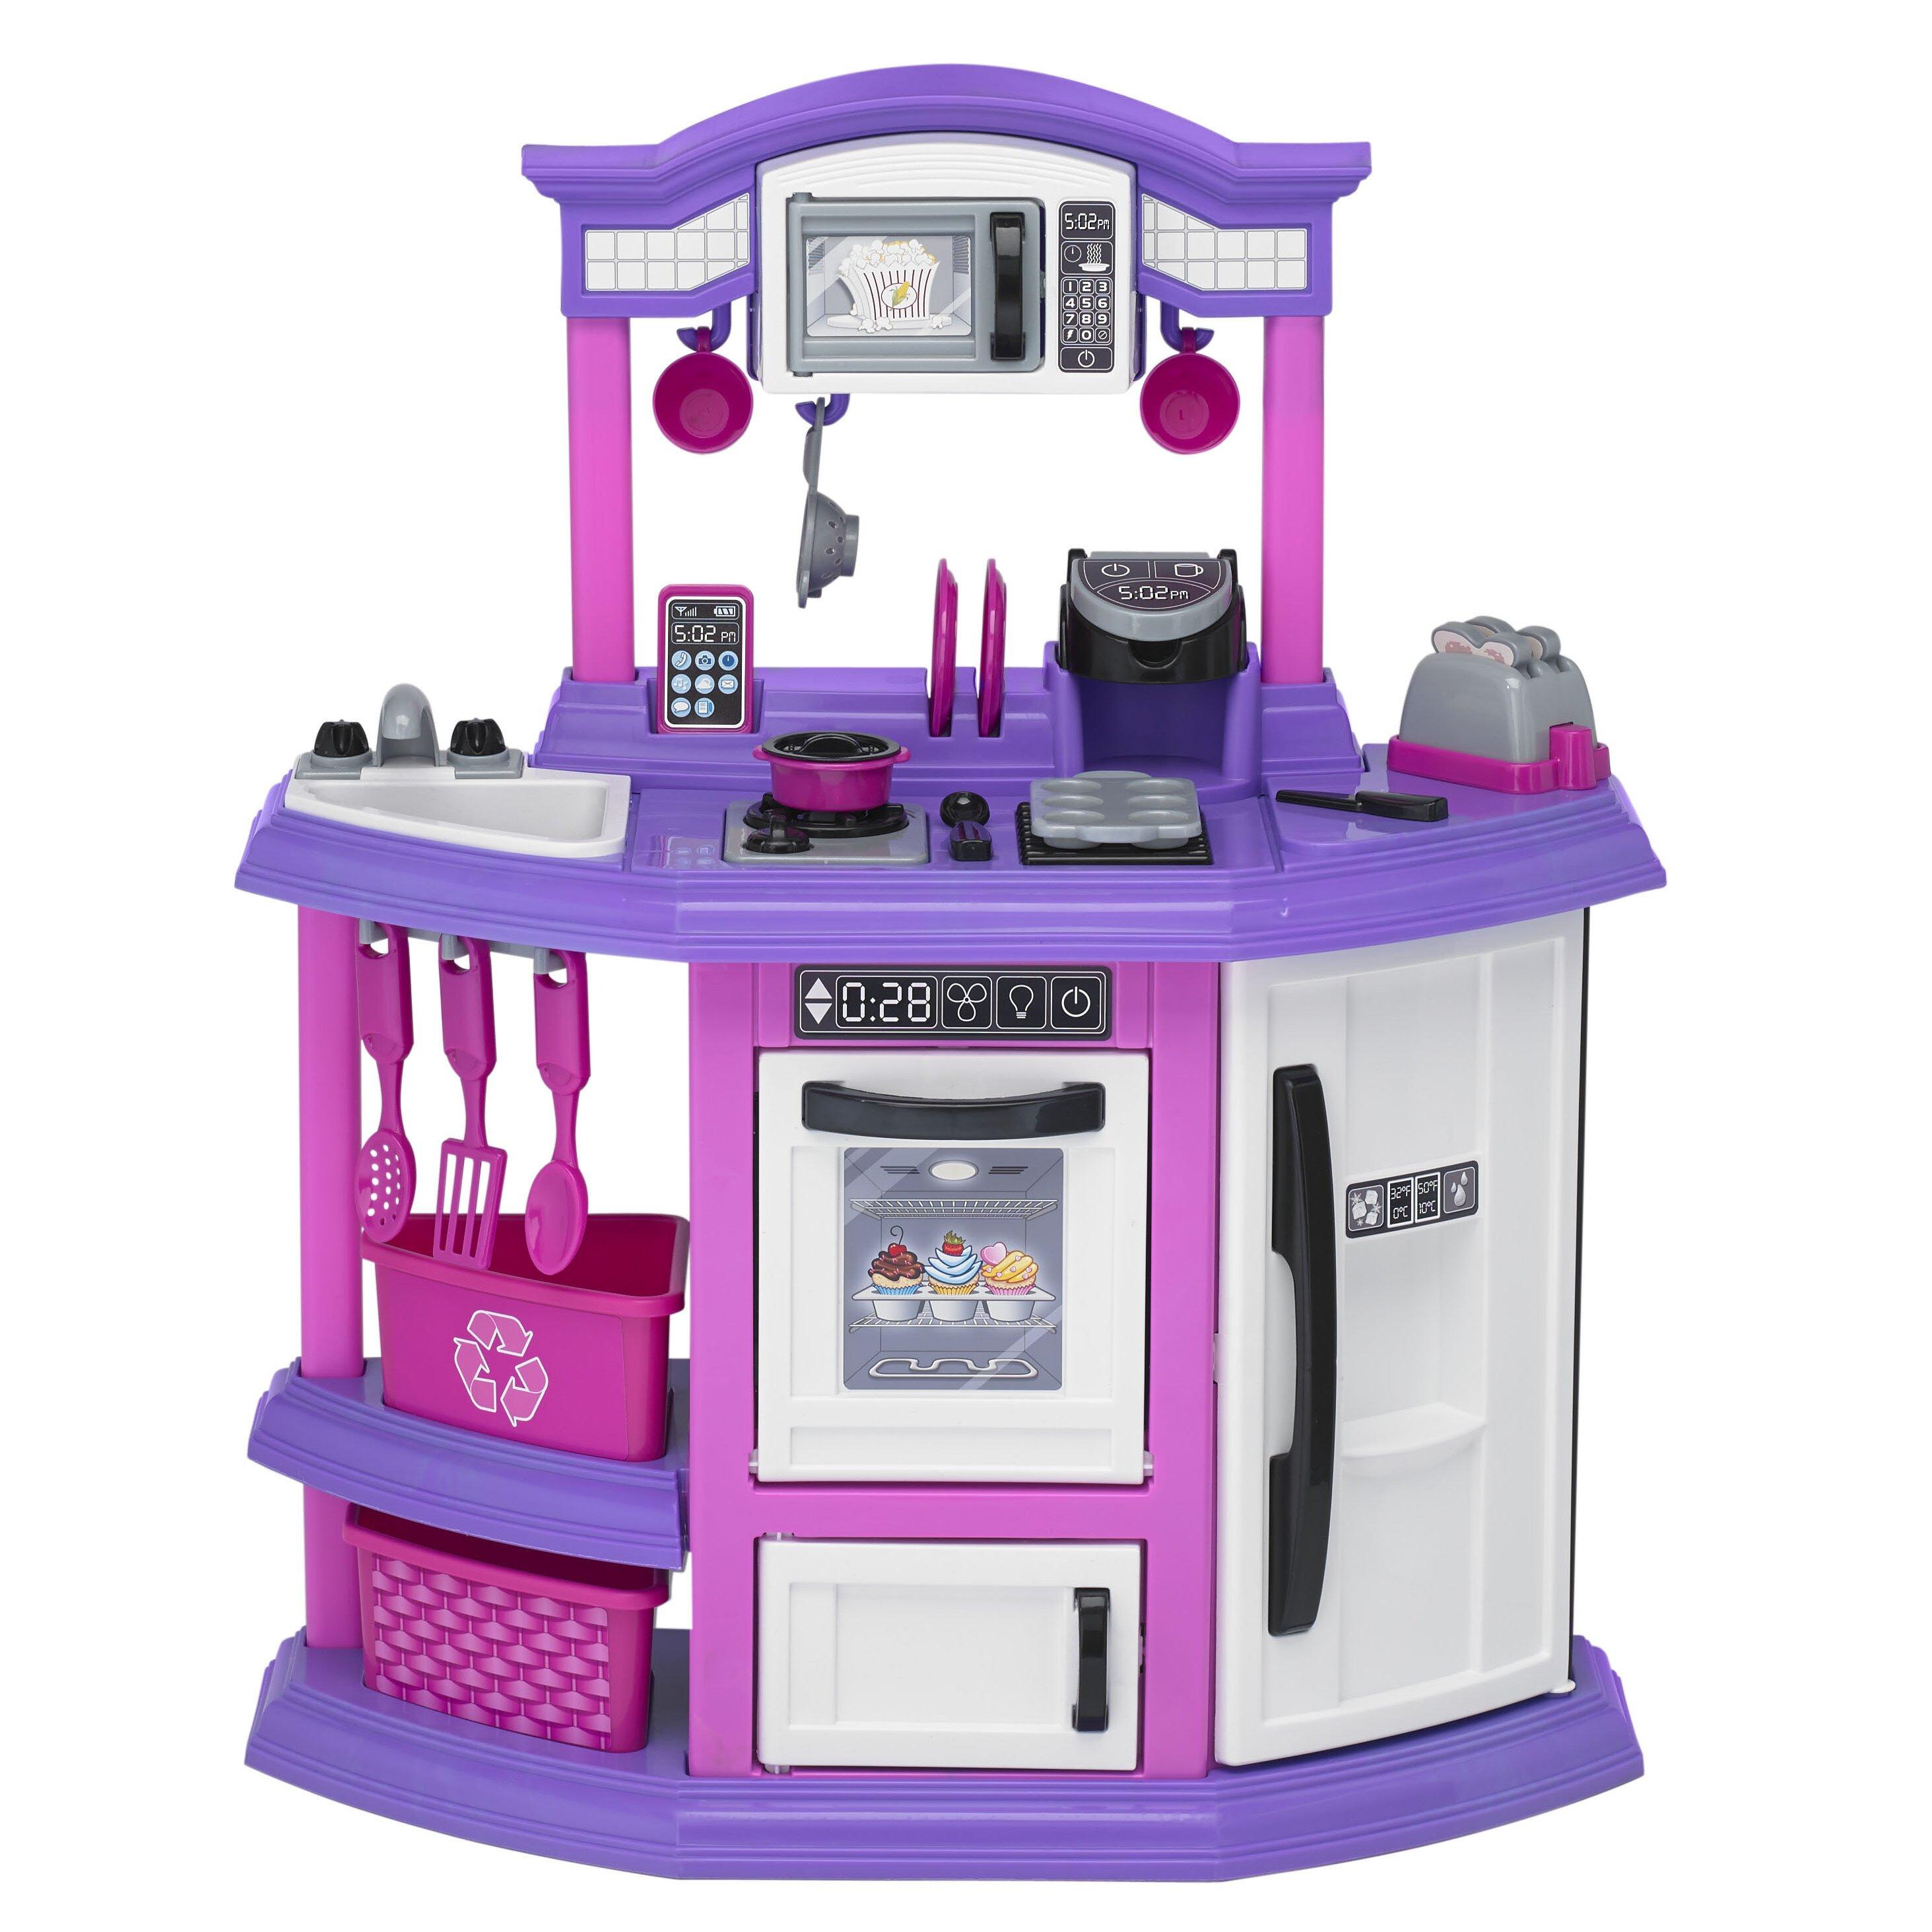 toy kitchen sets decor ideas | a1houston